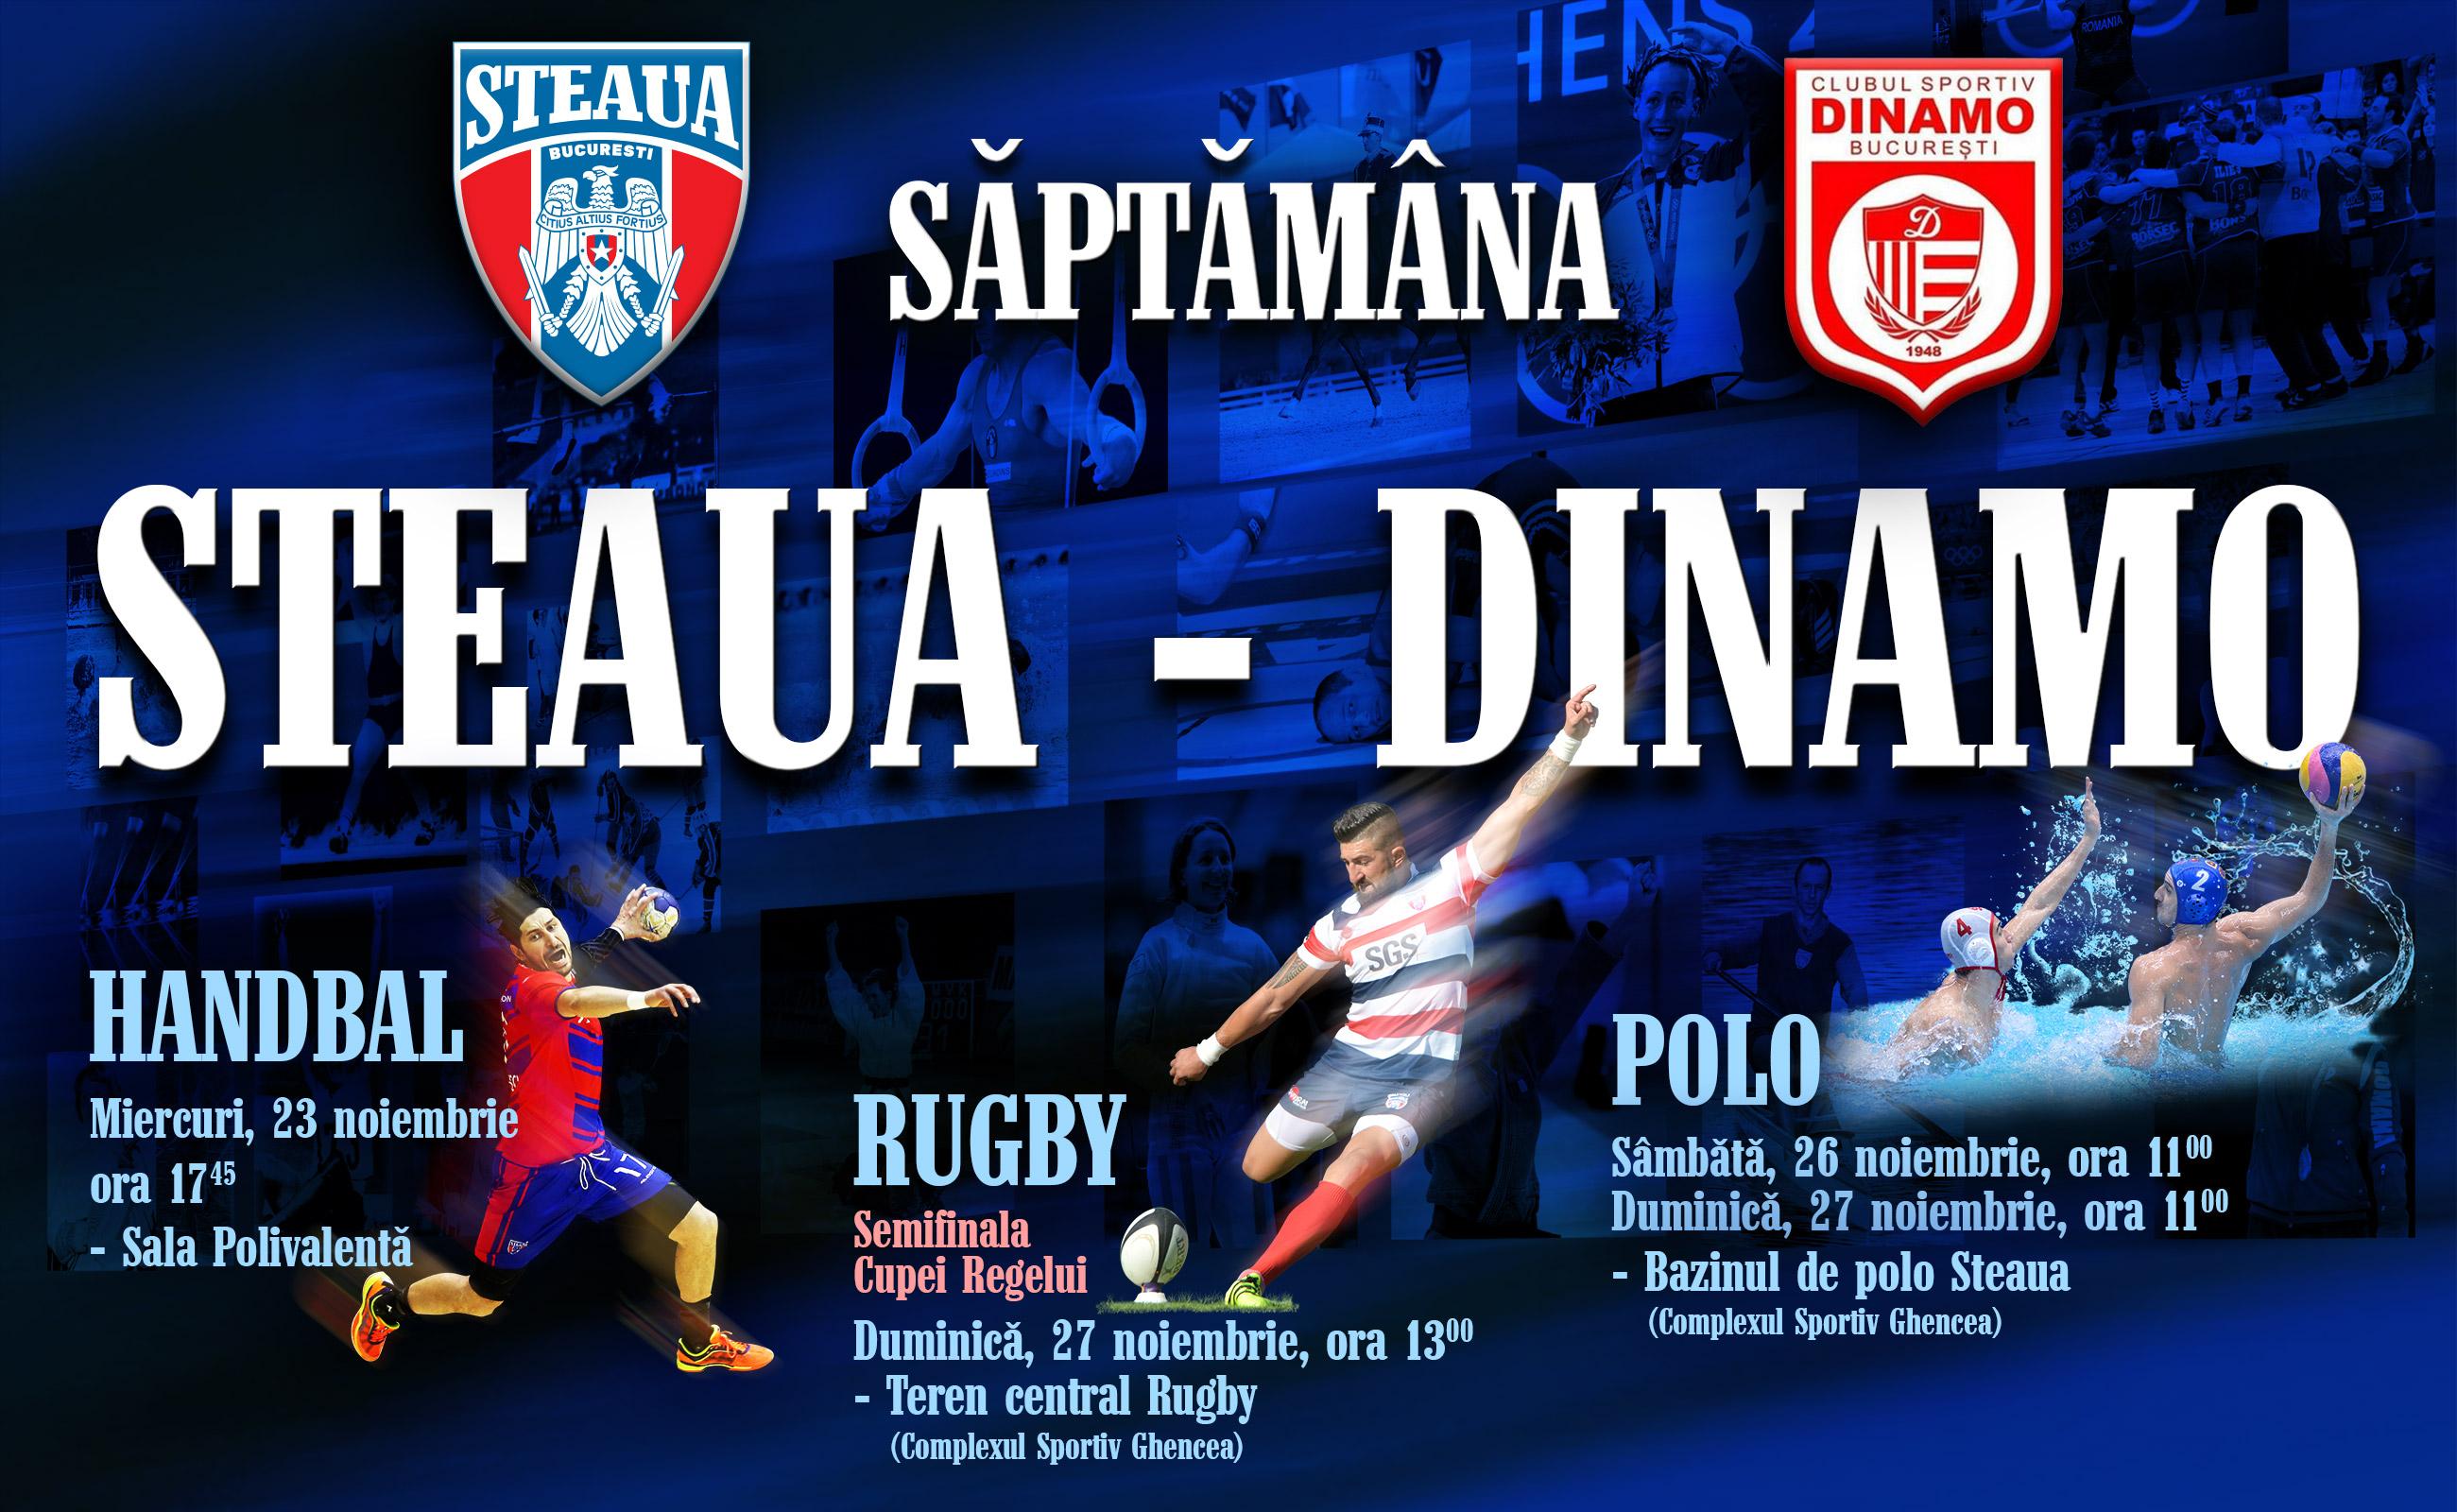 Balonul oval incheie tetralogia Steaua - Dinamo